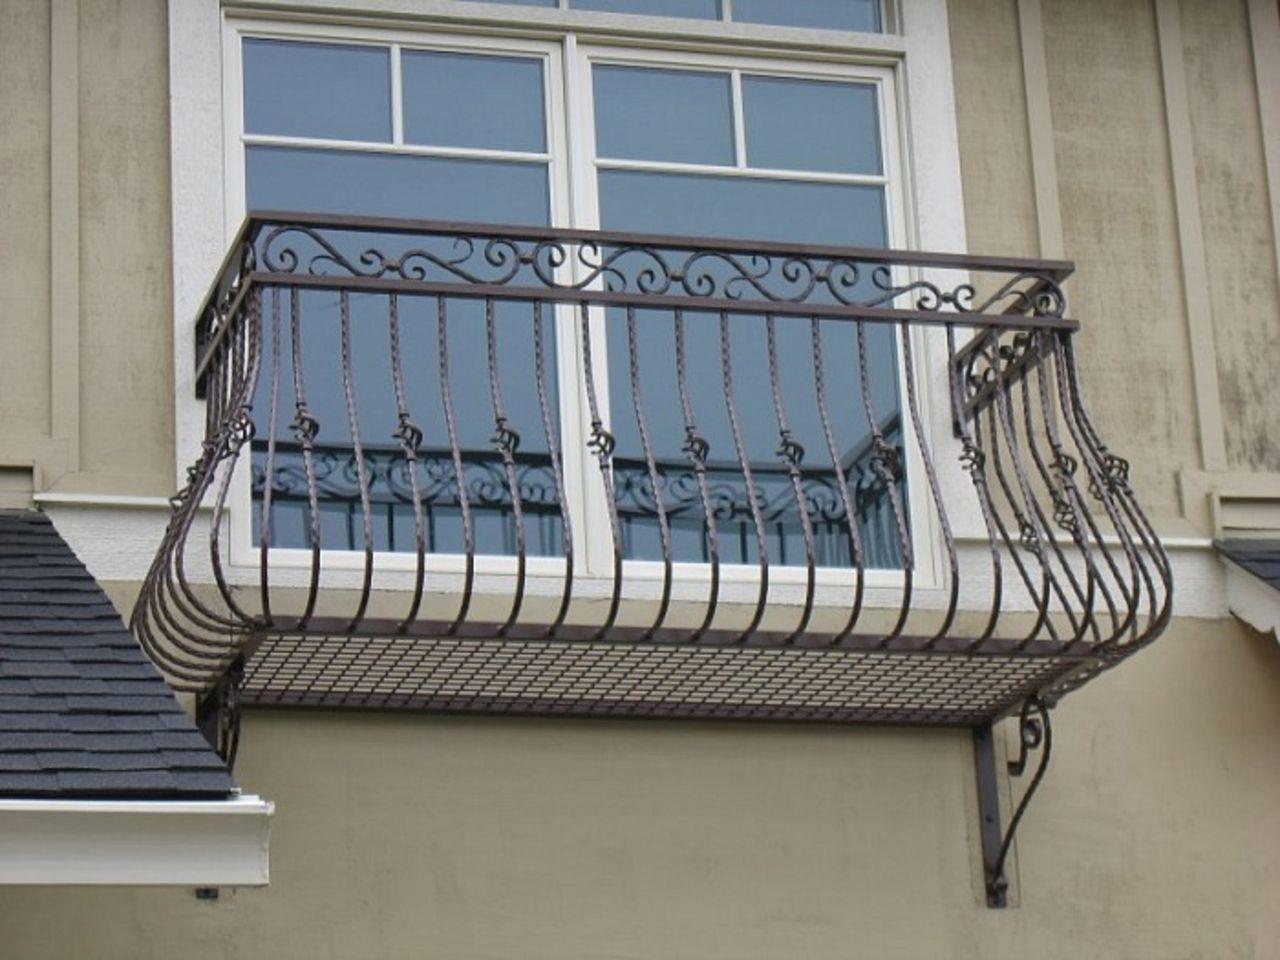 Проект дома двухэтажный с балконом фото специальности радиоэлектронные